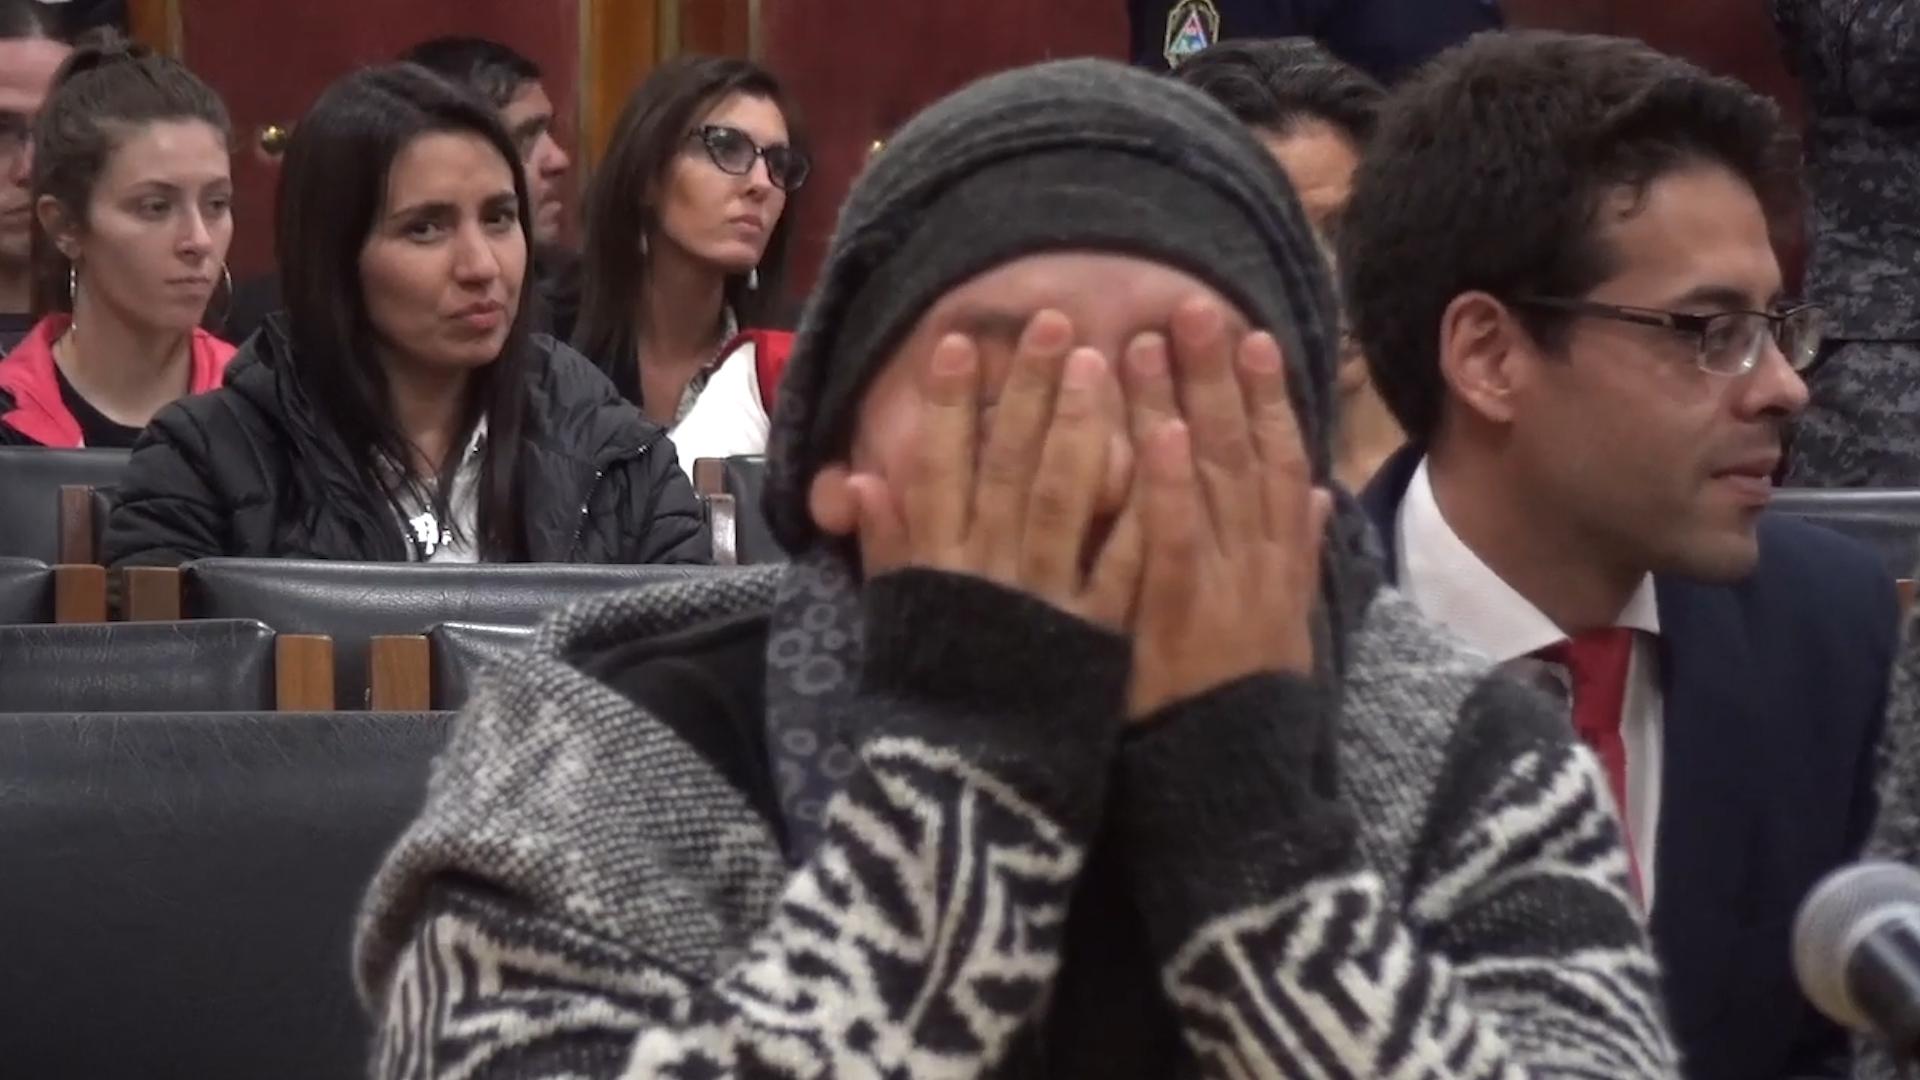 La decisión se produjo luego de que los 12 miembros del jurado popular no se pusieran de acuerdo